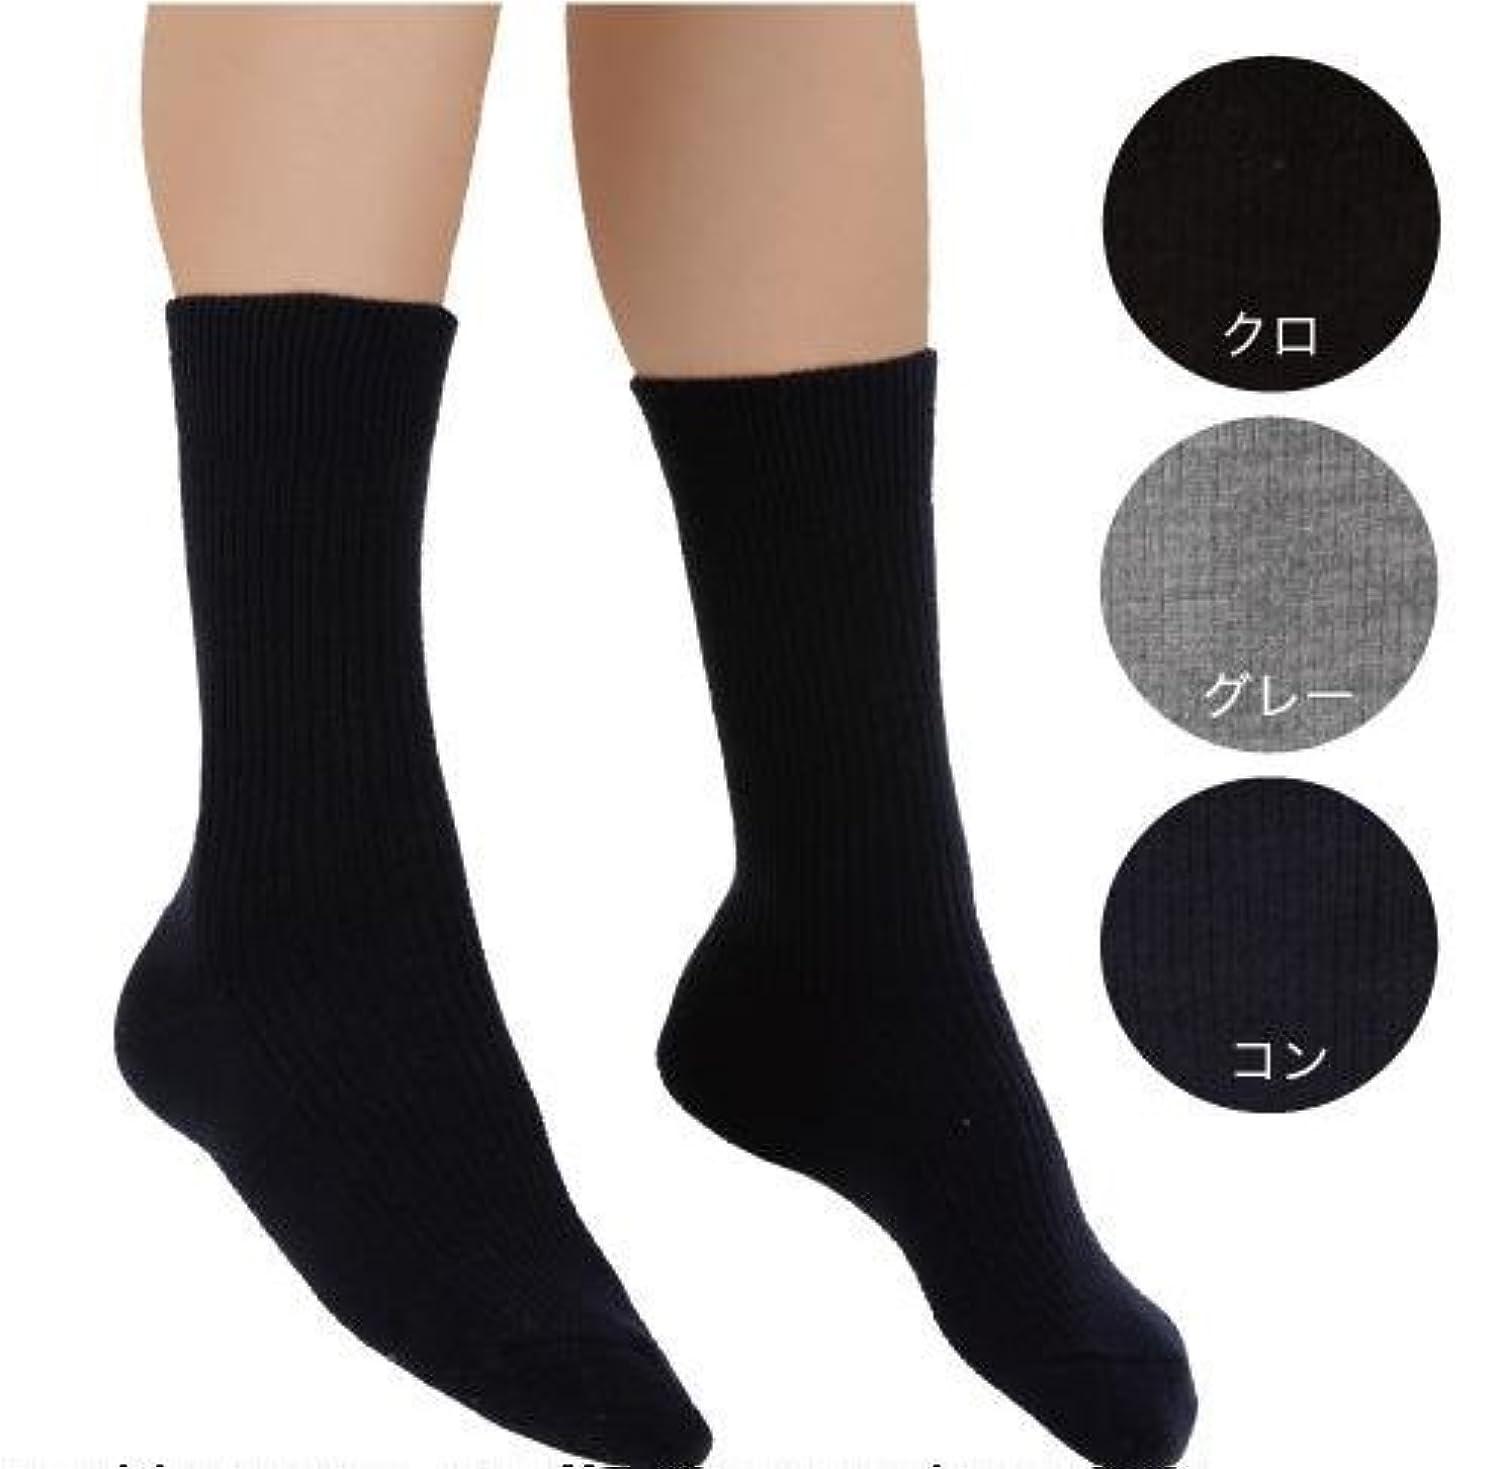 経験観客吸う健康肌着 ひだまり ダブルソックス 3足組 (紳士用:黒、紺、グレー の3色組/フリーサイズ(24~26cm))